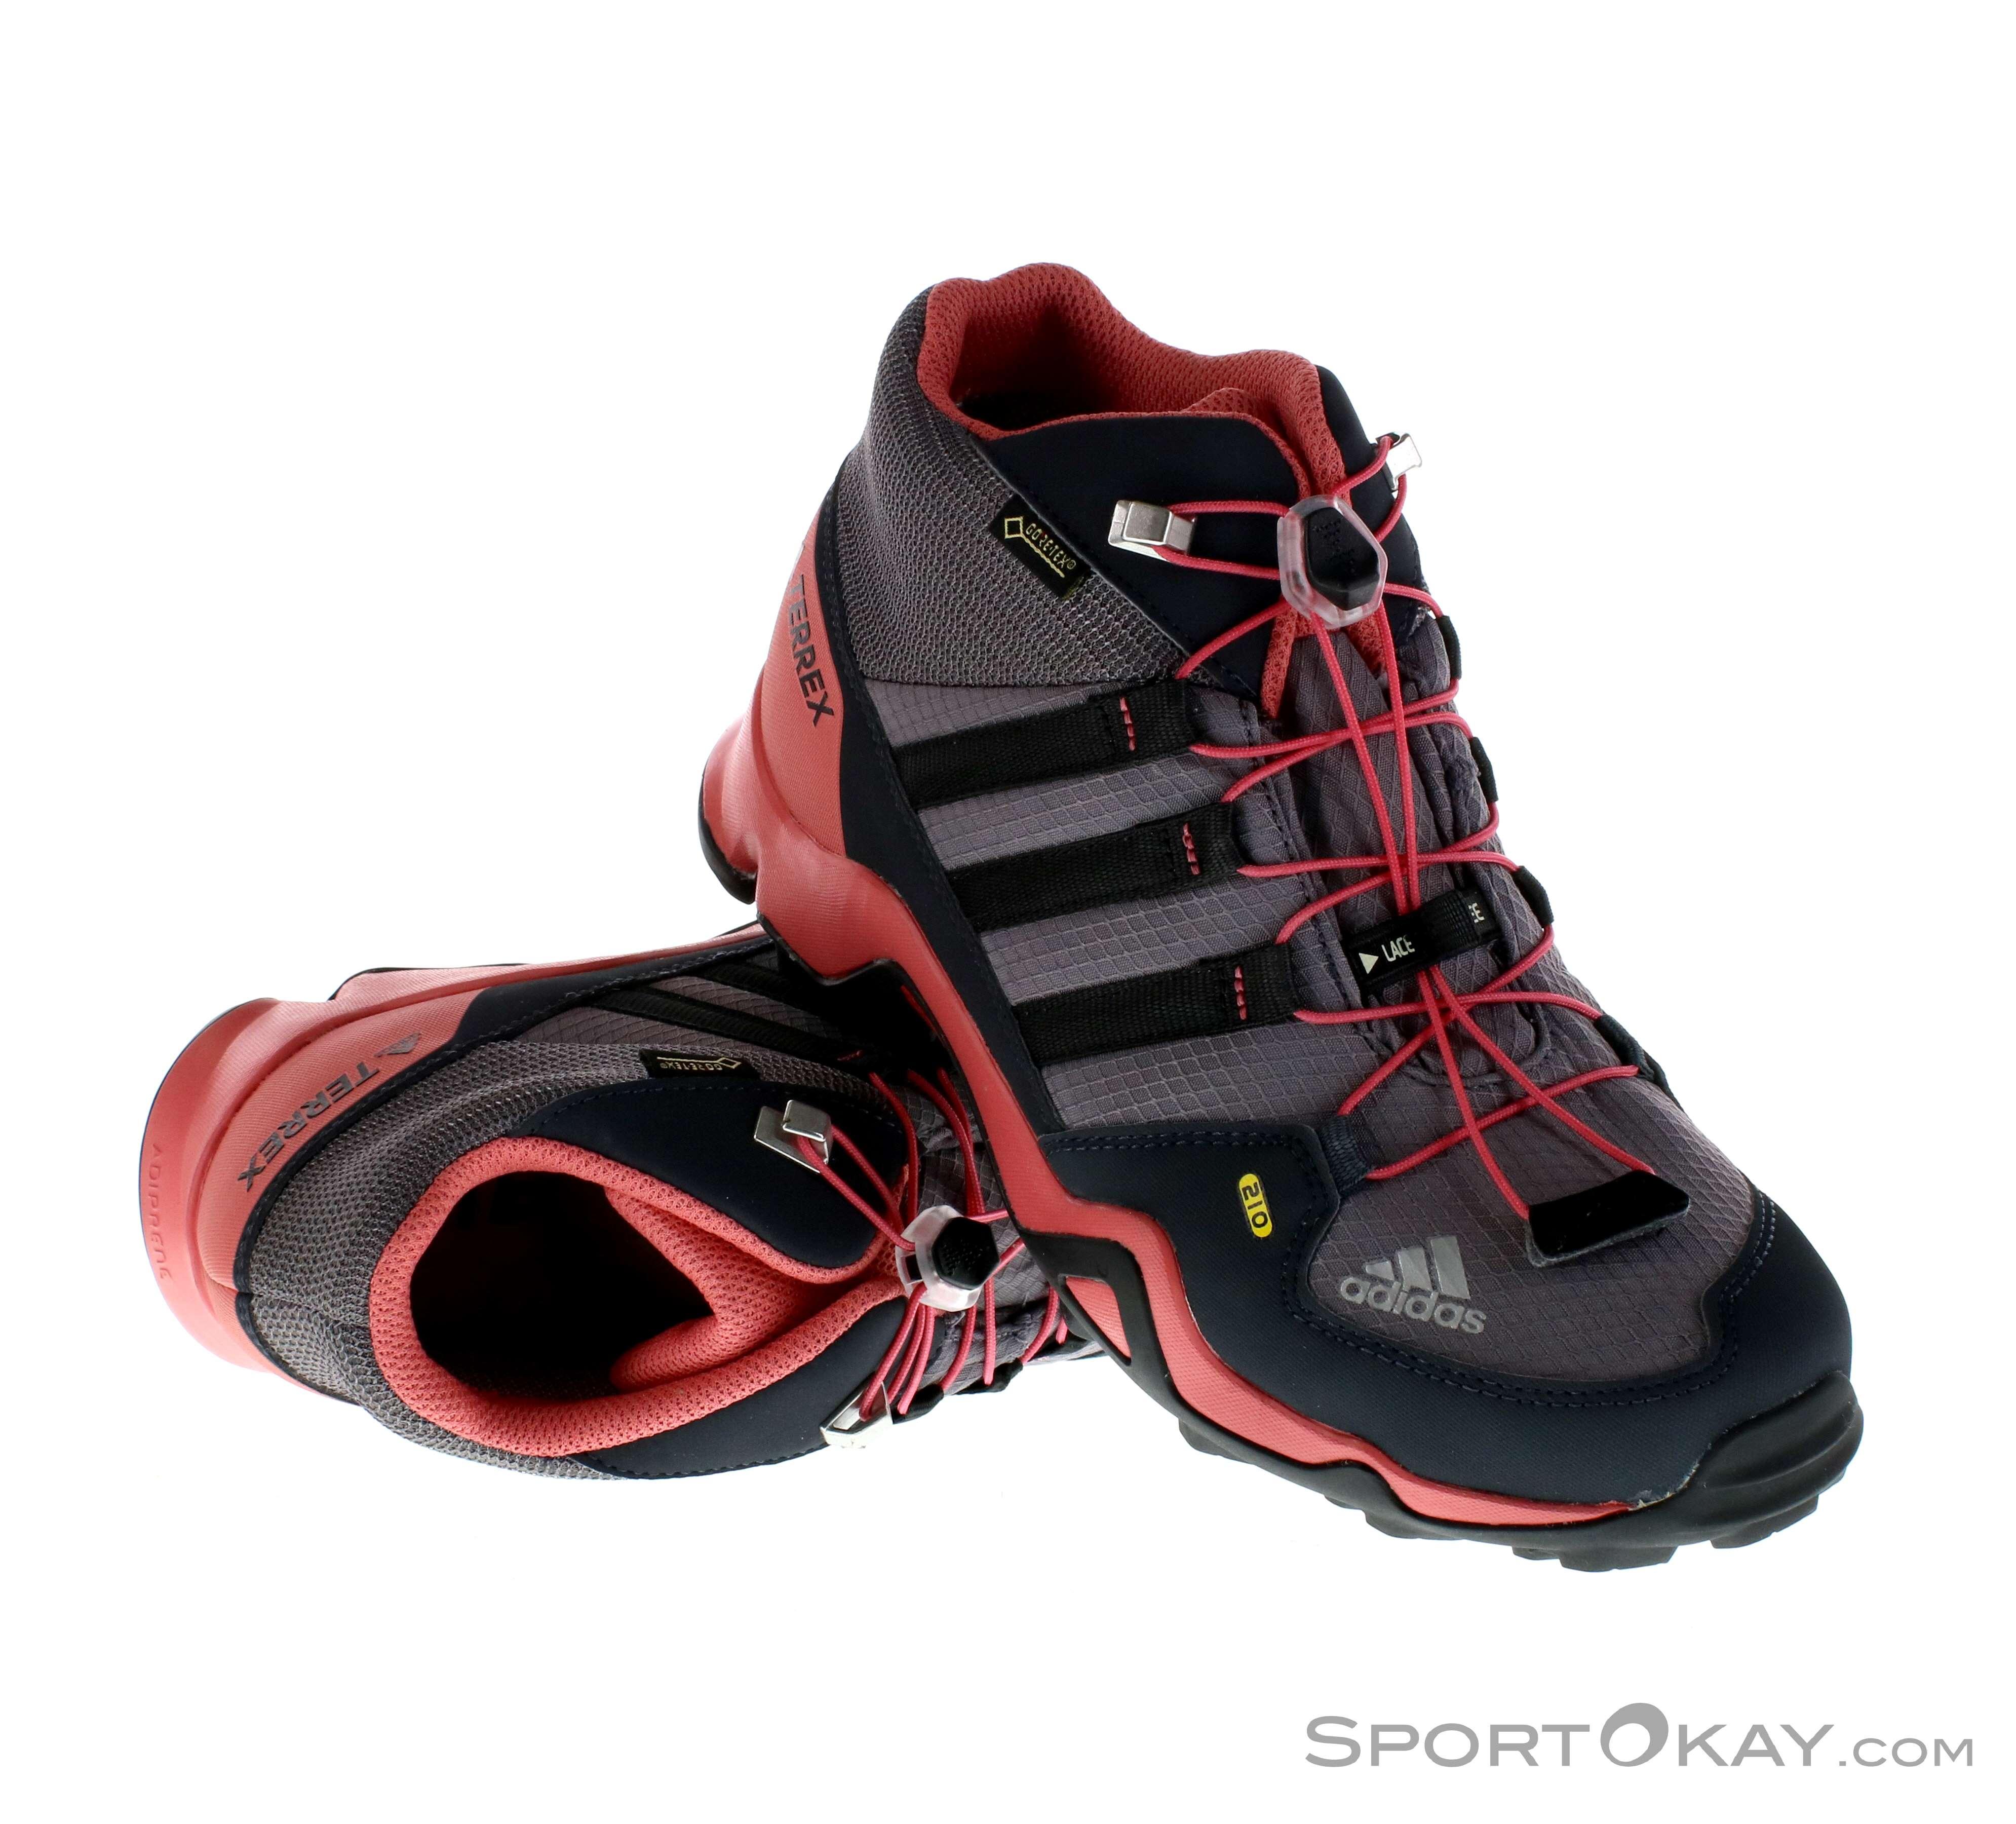 975f77cbc adidas Terrex Mid GTX Kids Hiking Boots Gore-Tex - Hiking Boots ...